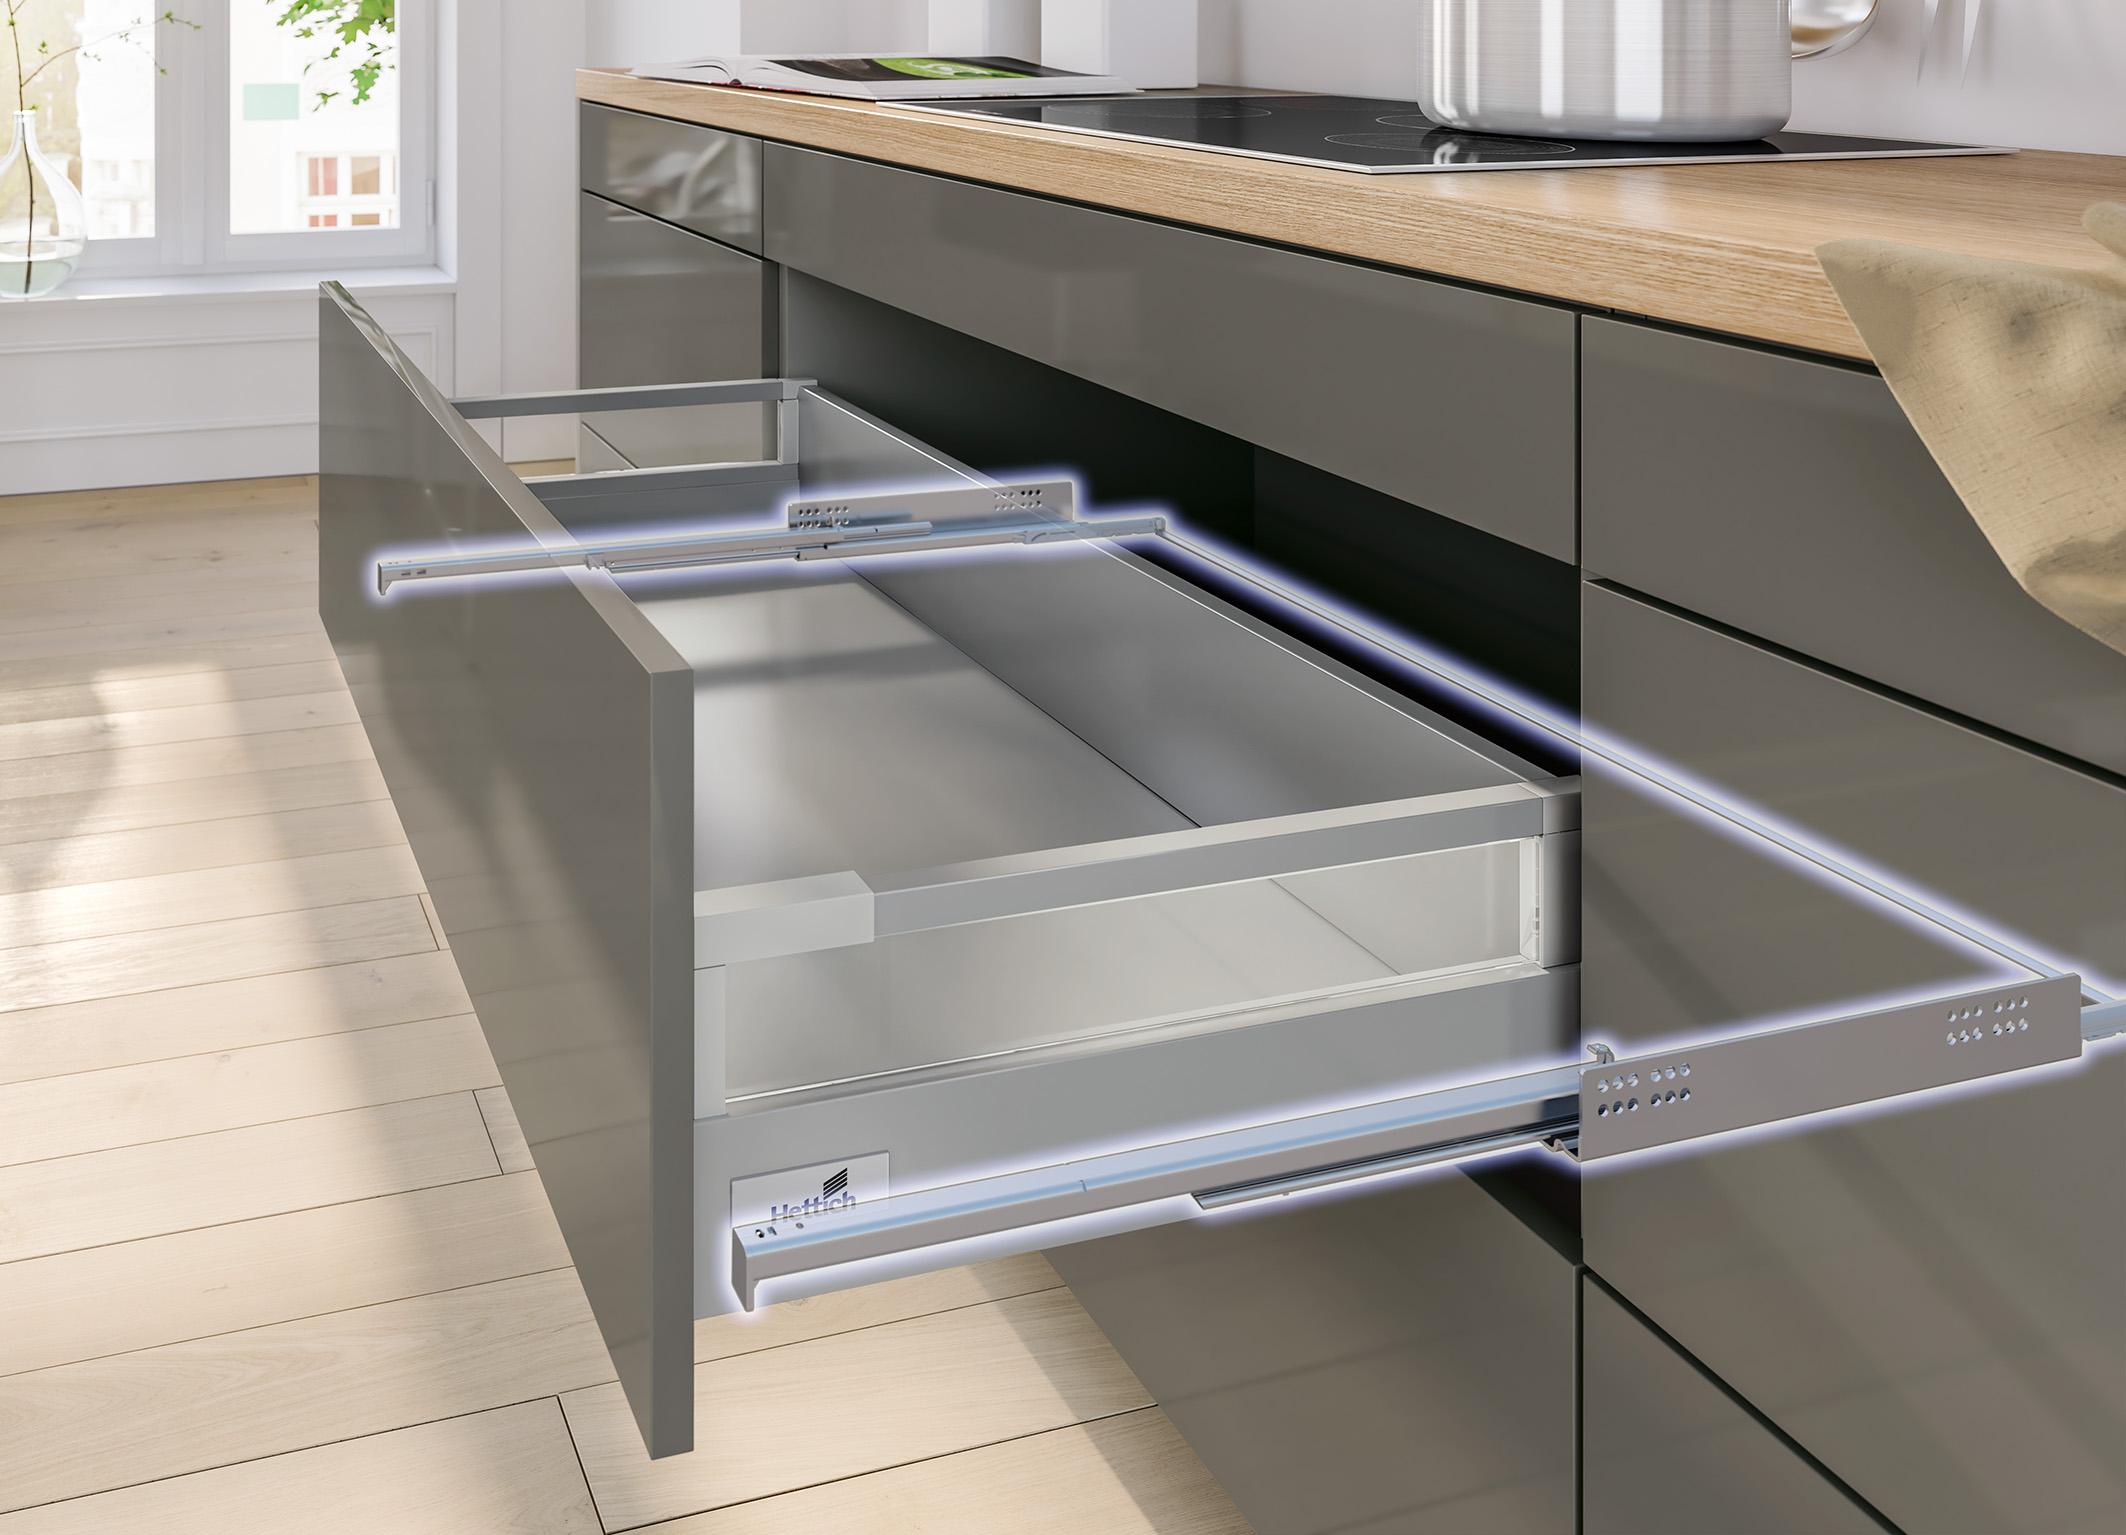 modular kitchen accessories price list pdf